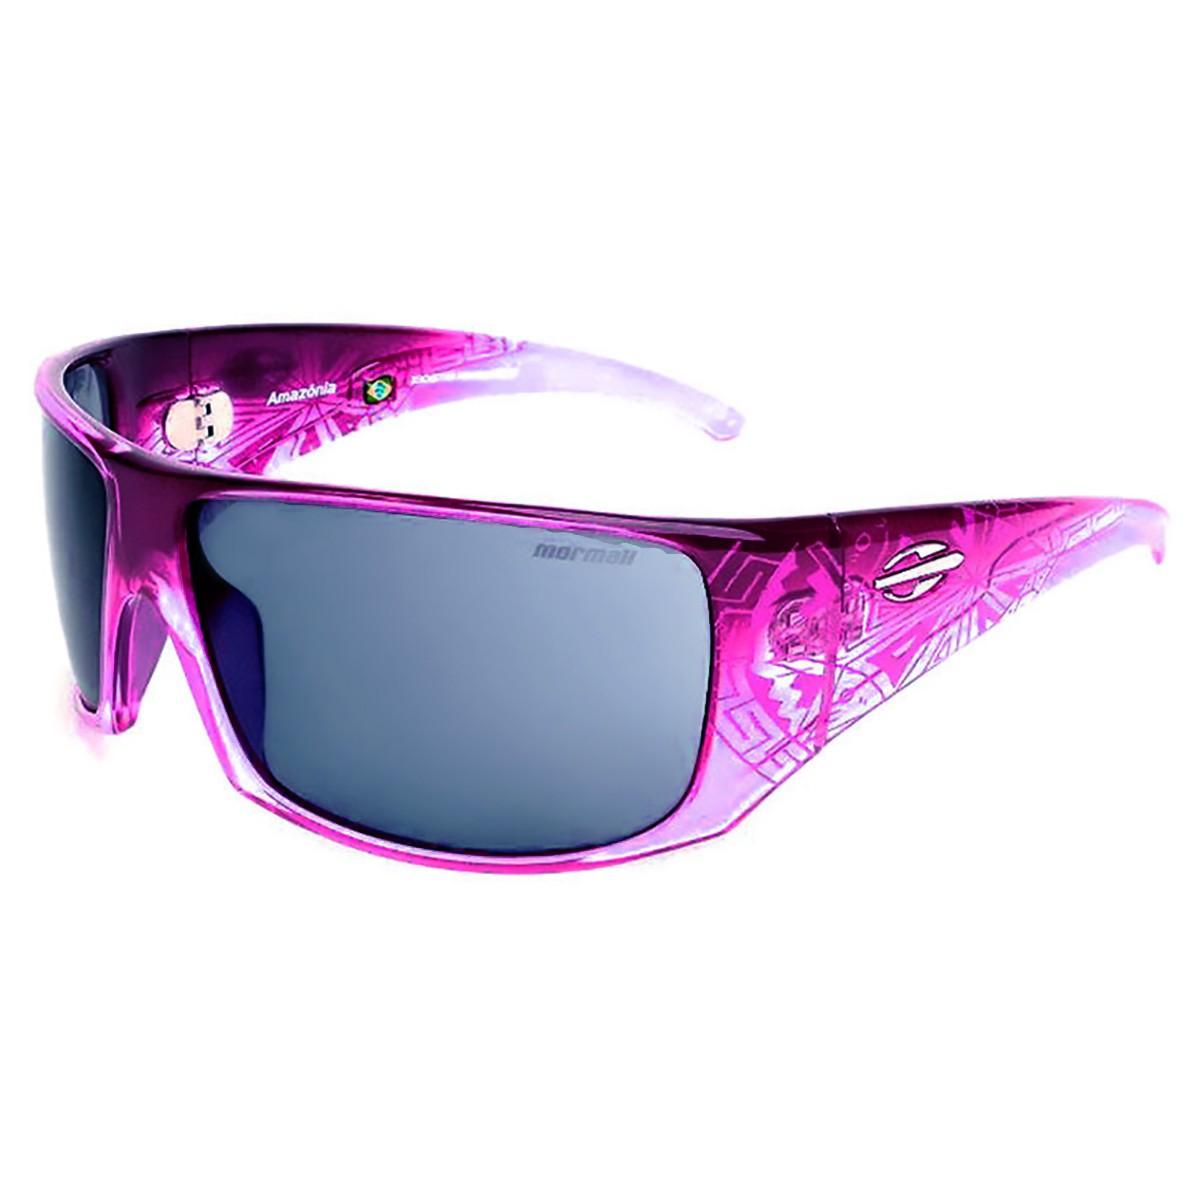 94ee2acd26104 Compre Óculos de Sol Mormaii Amazonia em 10X